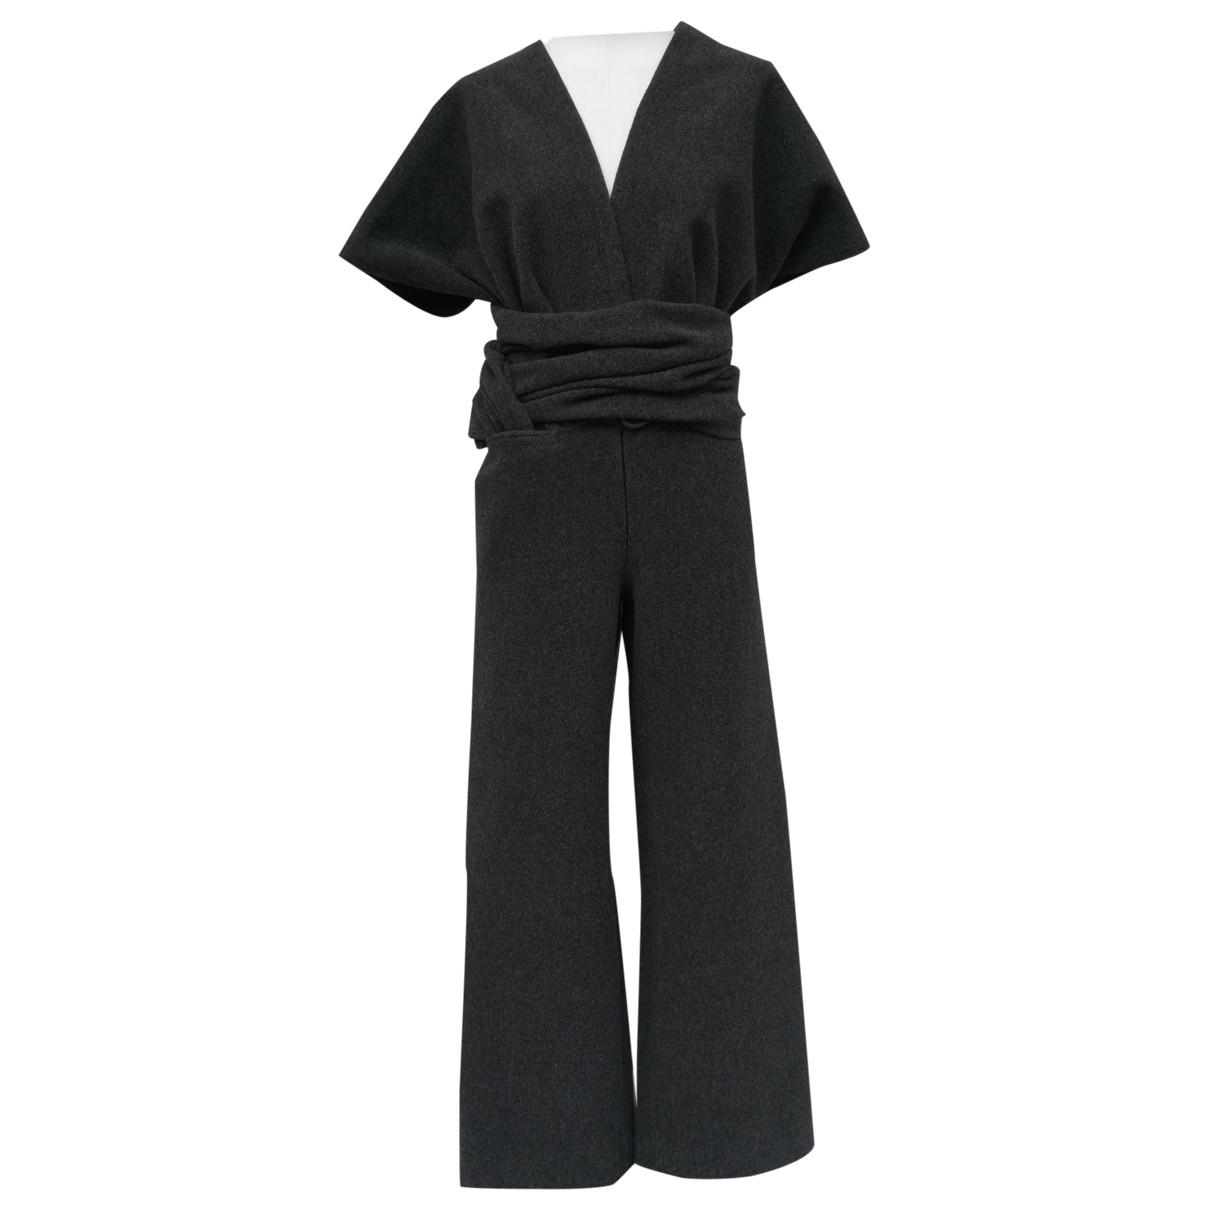 Yohji Yamamoto - Combinaison   pour femme en laine - anthracite